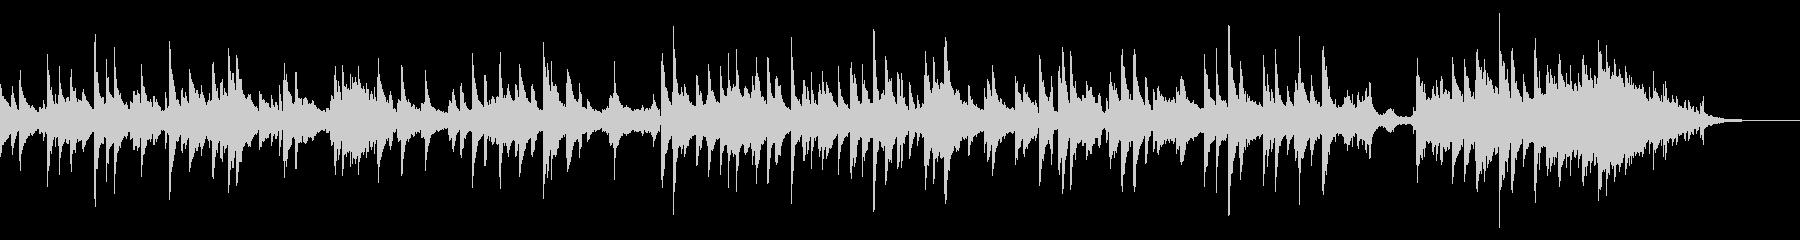 ショートムービー向きバラードの未再生の波形